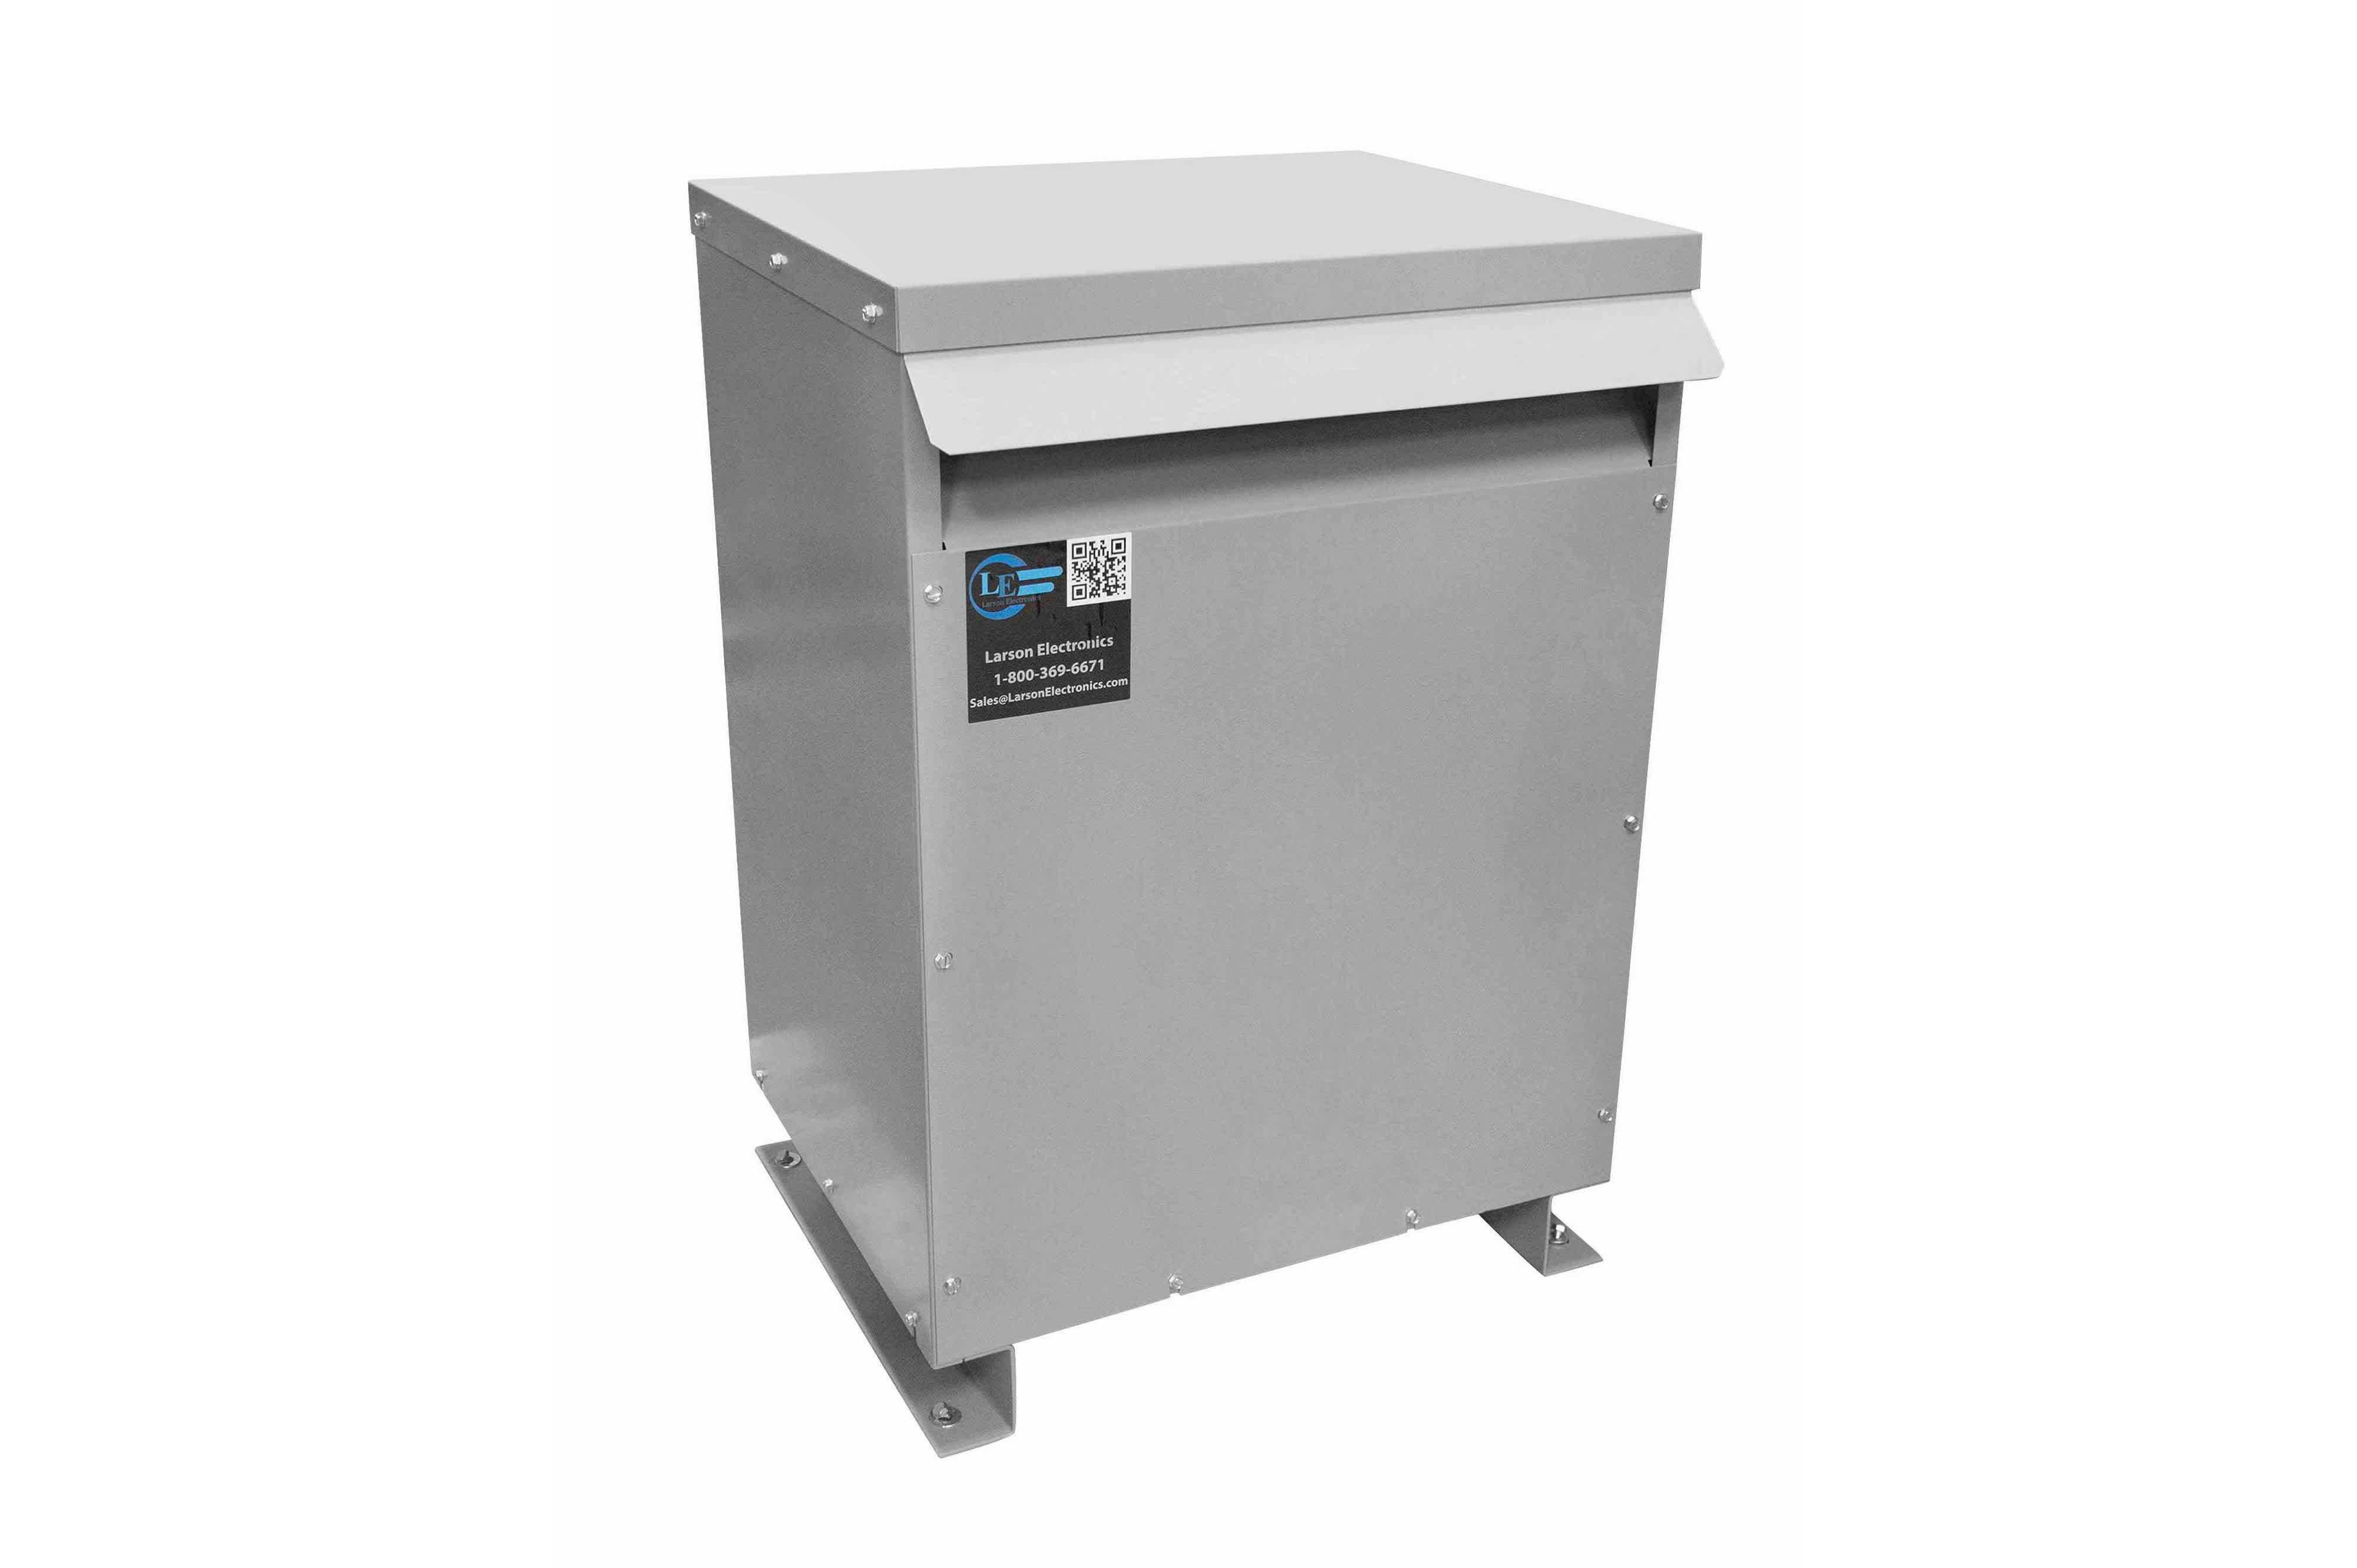 65 kVA 3PH Isolation Transformer, 600V Delta Primary, 415V Delta Secondary, N3R, Ventilated, 60 Hz